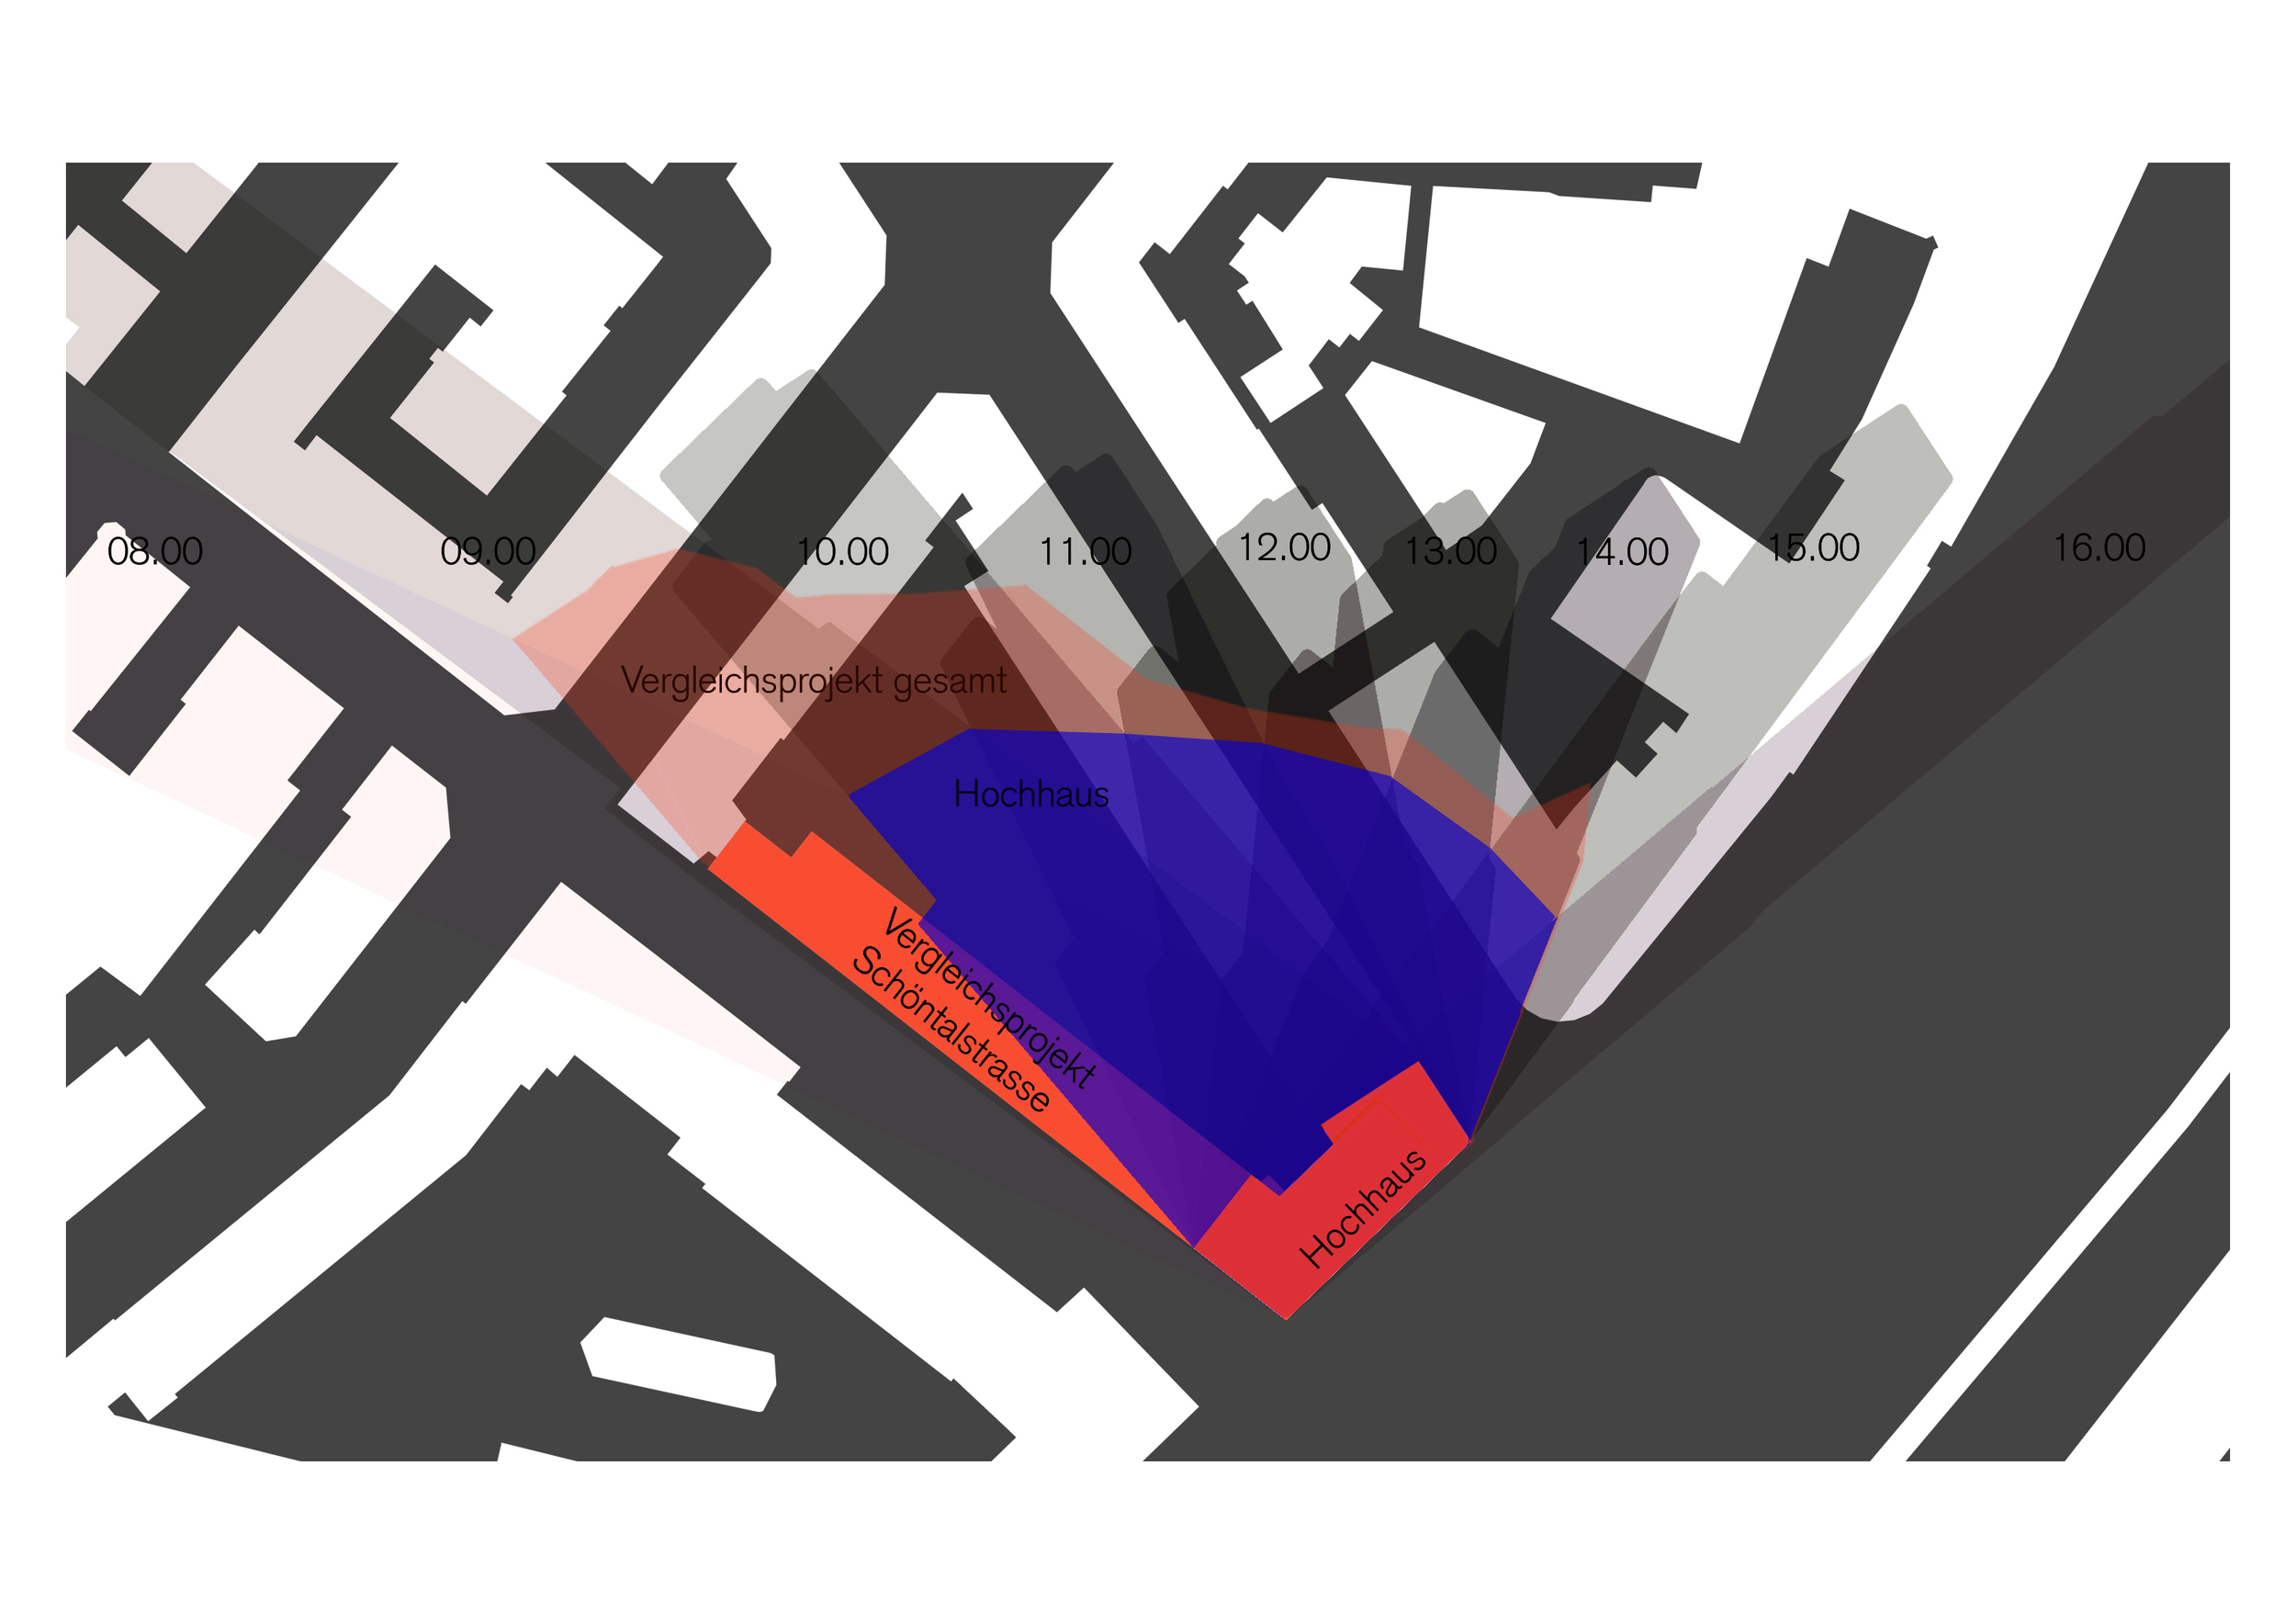 Zweistundenschatten-Diagramm Zürich